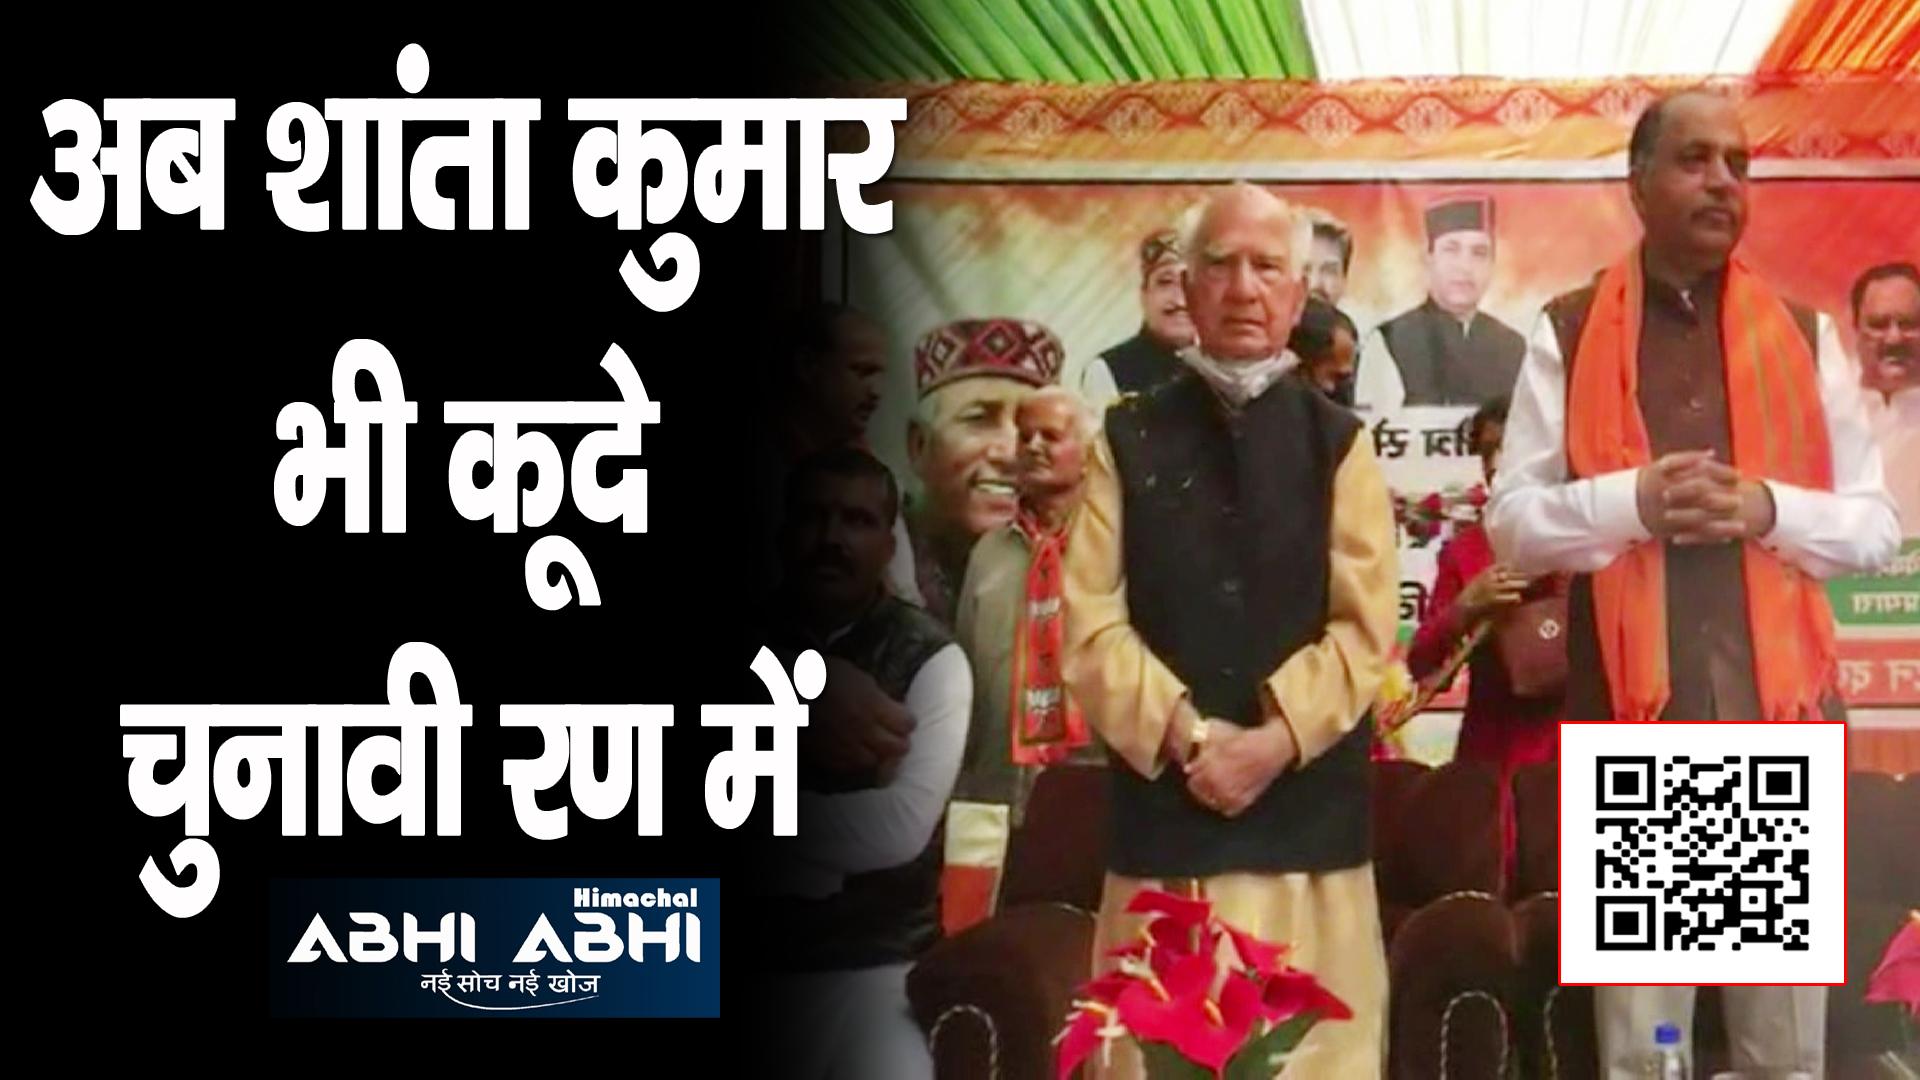 अब शांता कुमार भी  कूदे चुनावी रण में